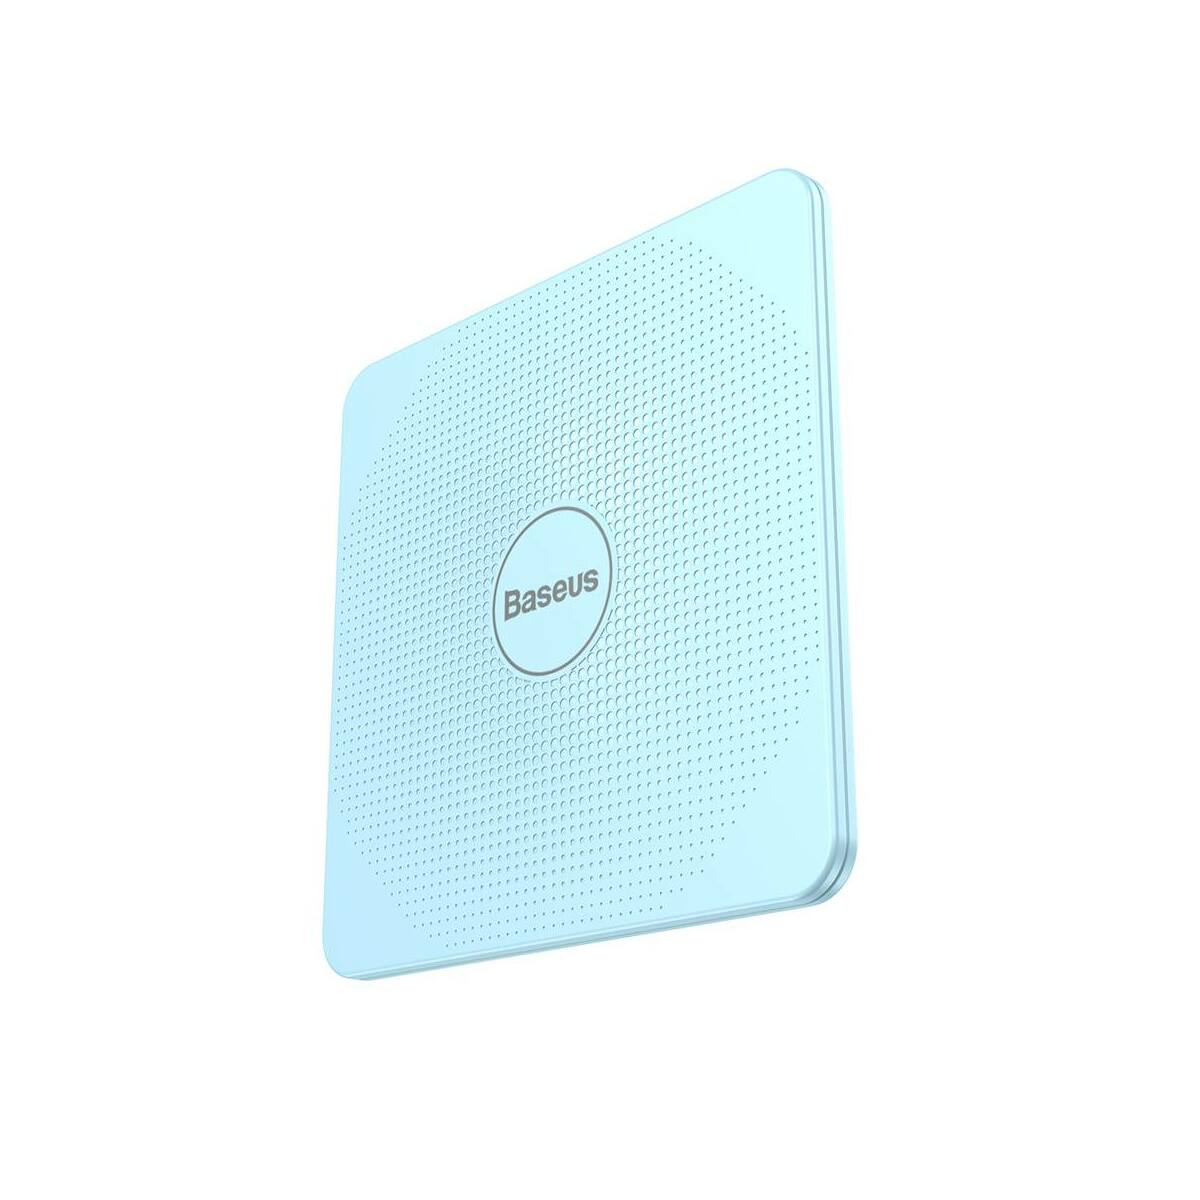 Baseus otthon, Intelligens T1 mini lapos kártya forma, elveszett eszközök/kulcsok megtalálásához eszköz és detektor, kék (ZLFDQT1-03)